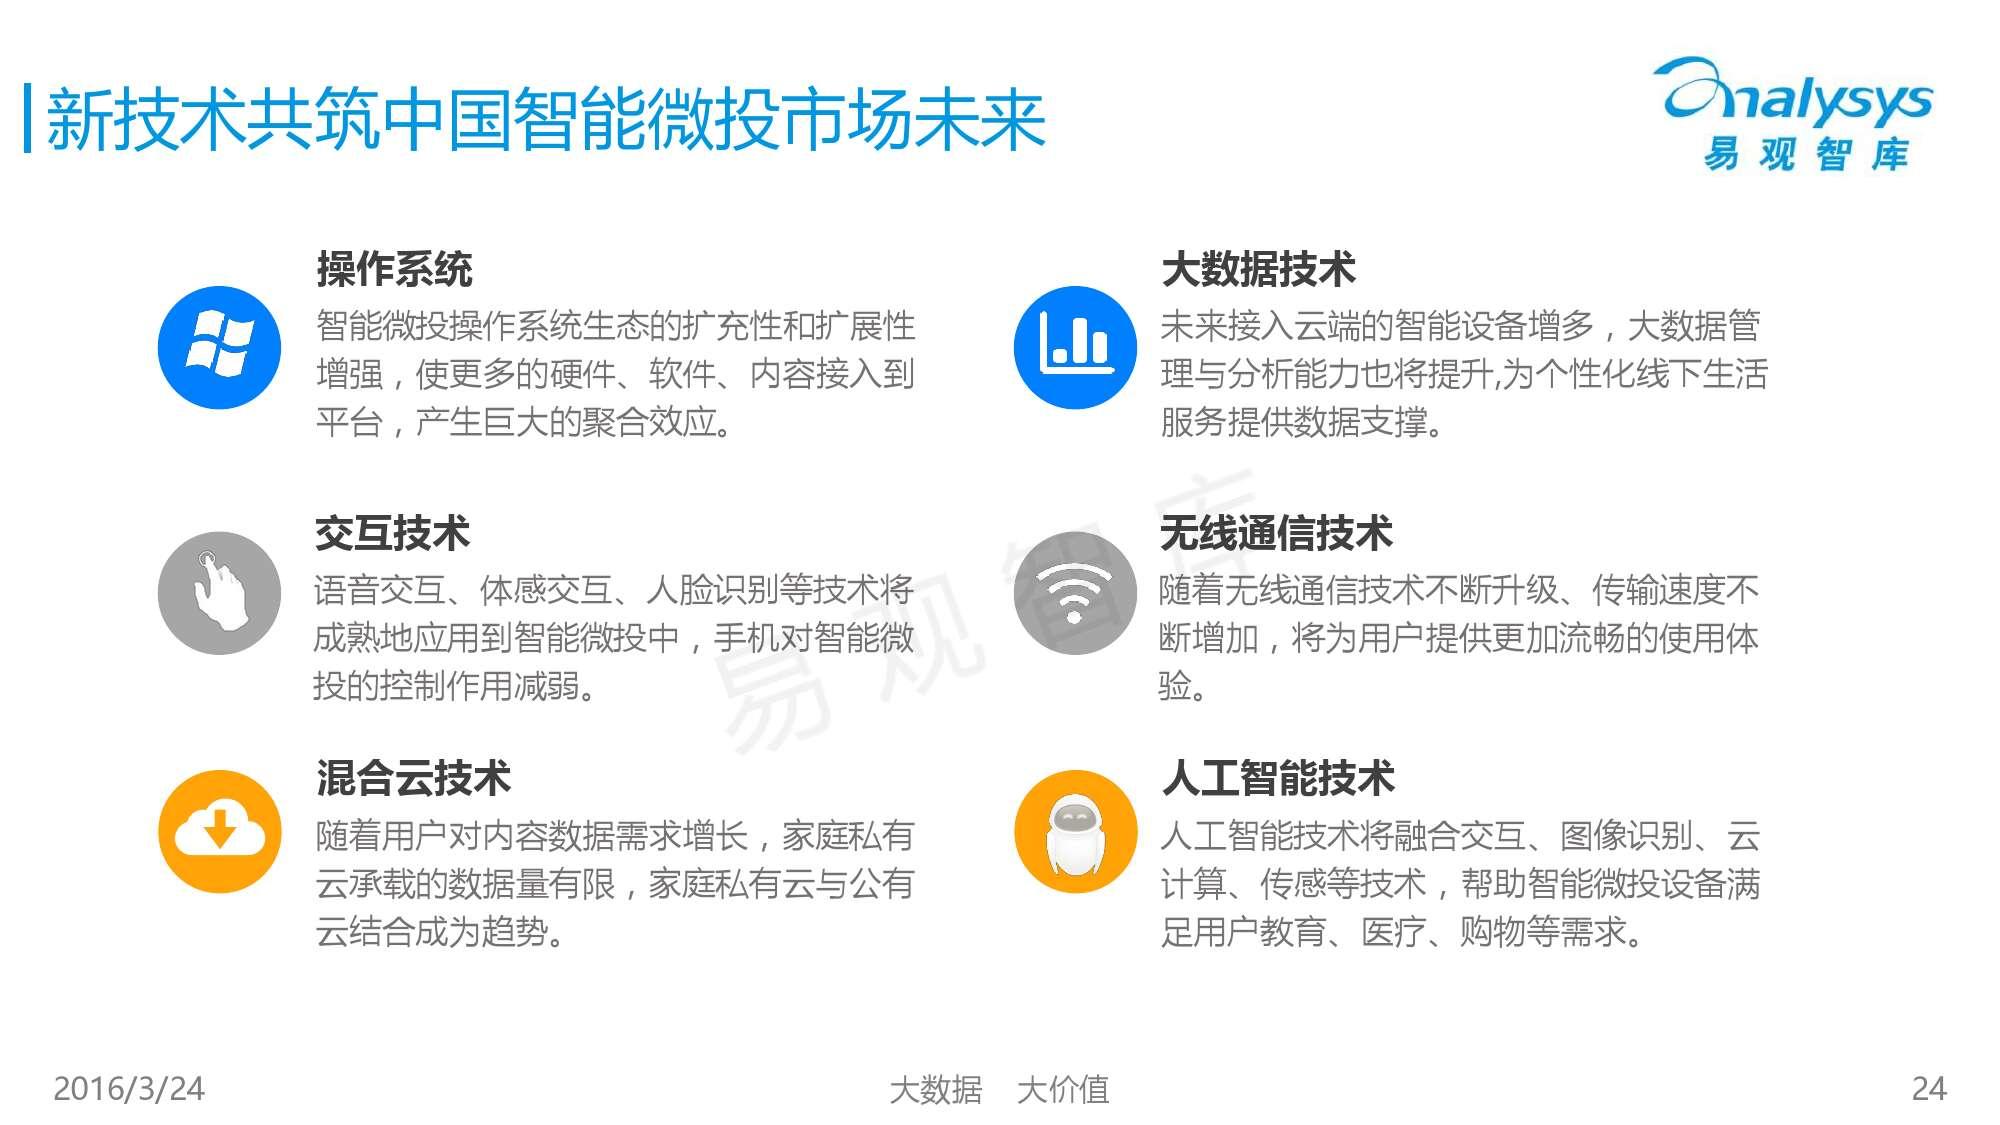 中国智能微投市场专题研究报告2016_000024